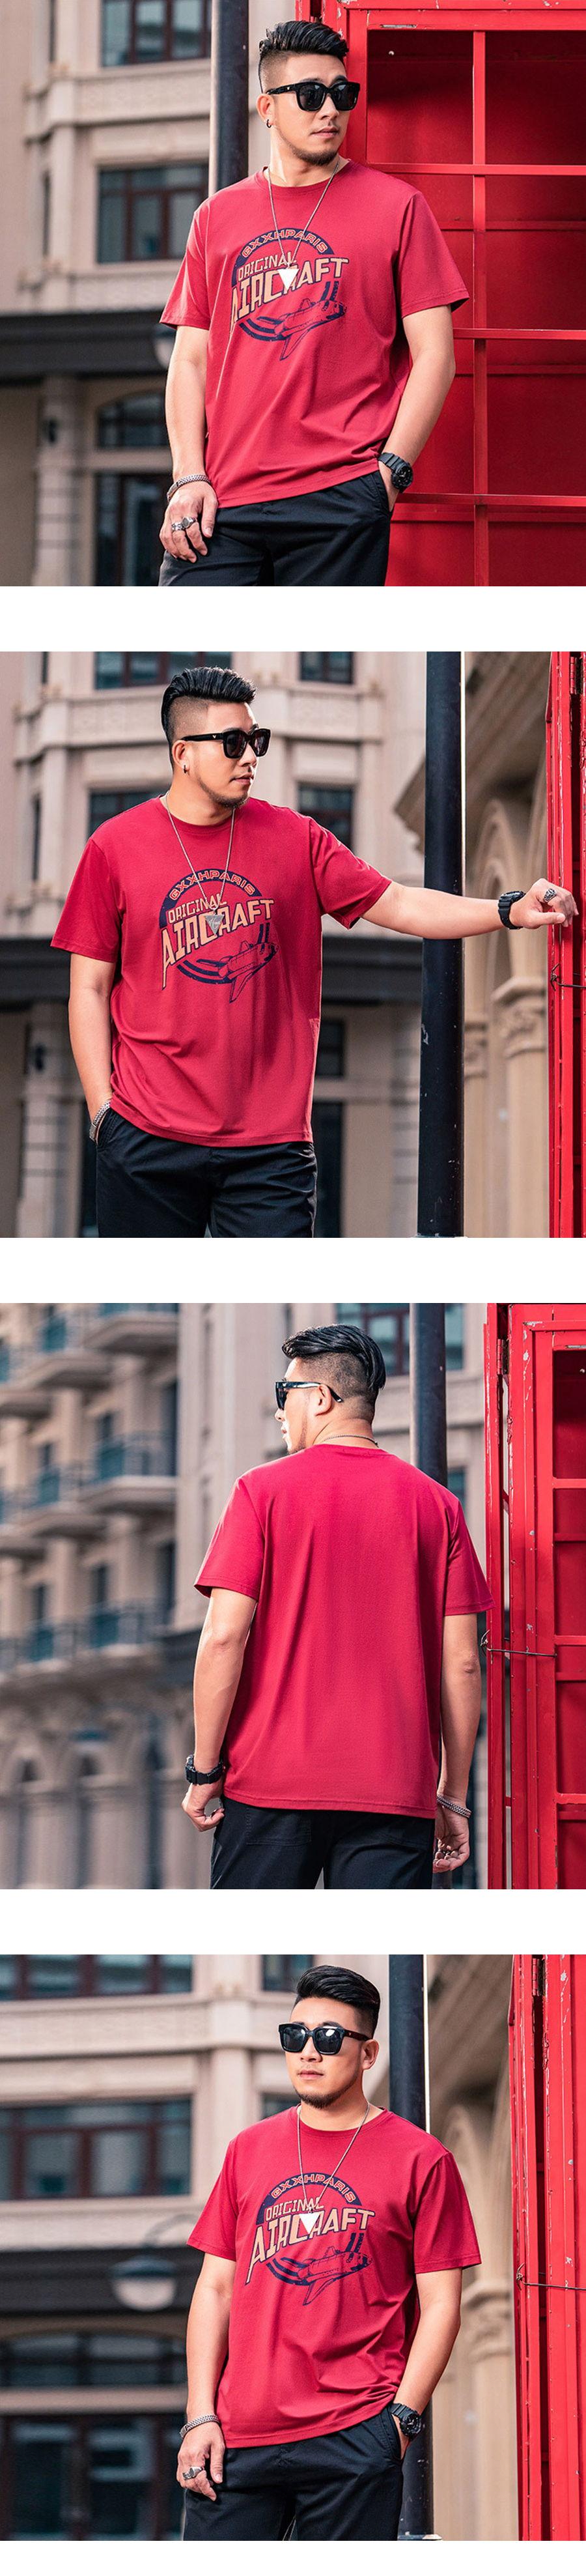 大尺碼.美版印花休閒短袖T恤